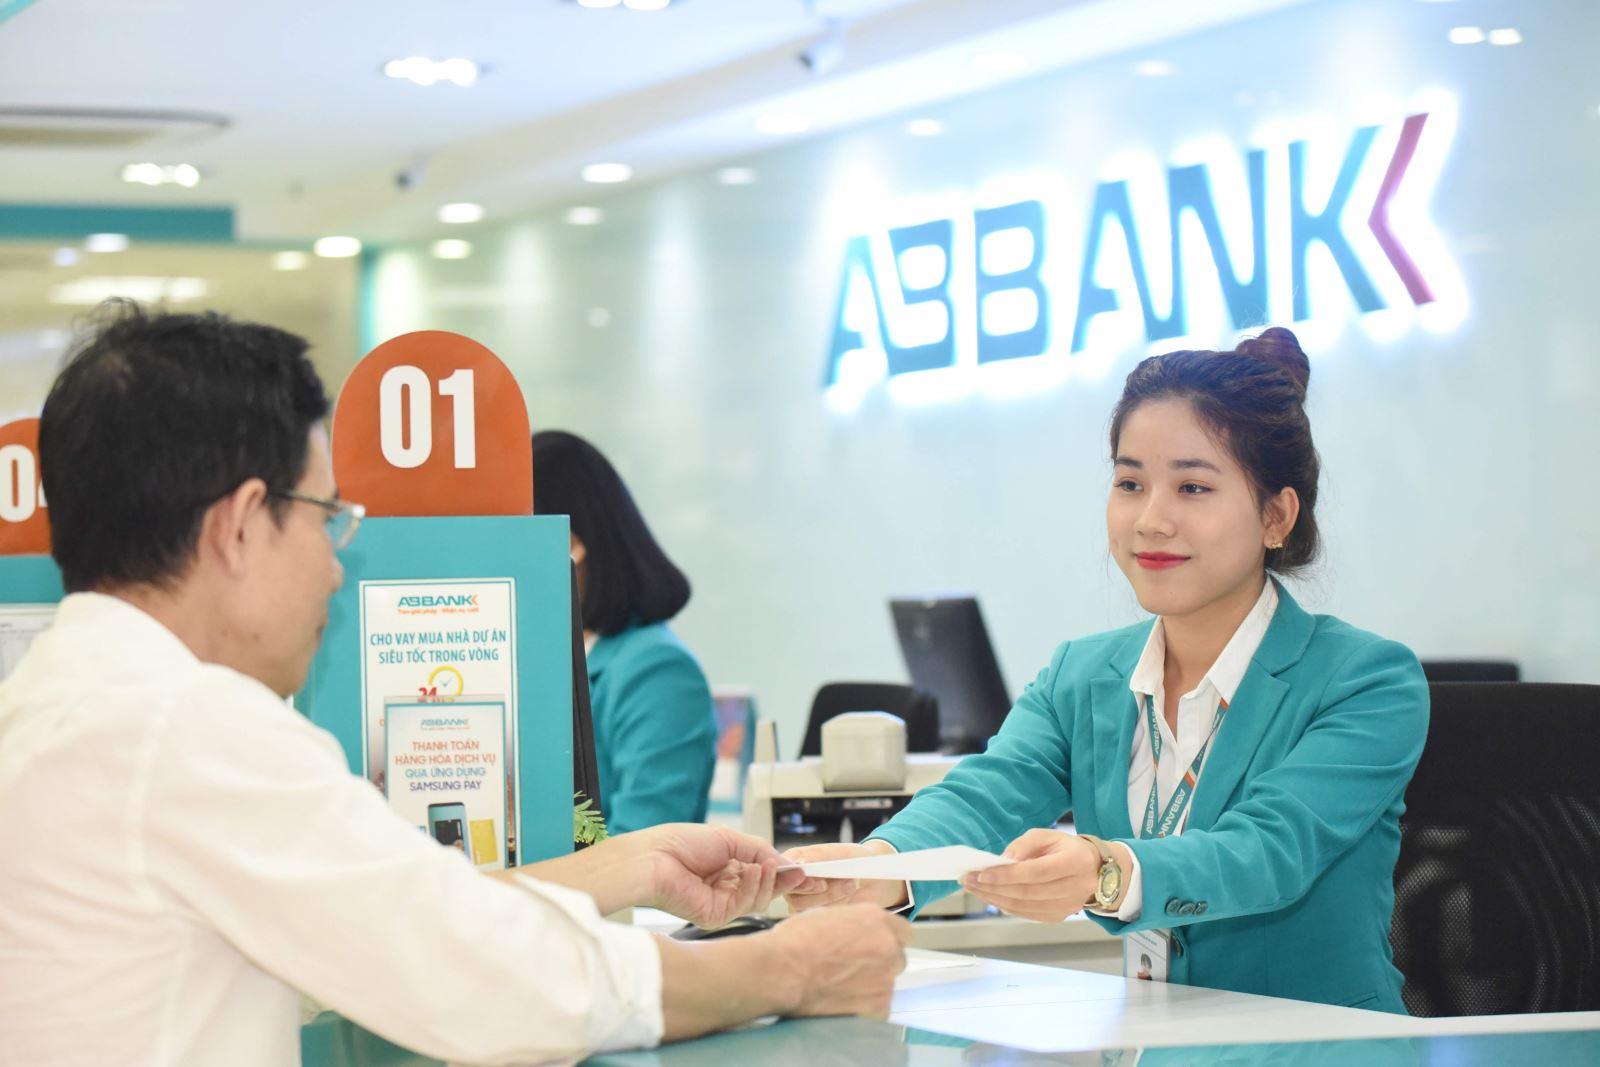 Lãi suất ngân hàng ABBank mới nhất tháng 5/2020 - Ảnh 1.